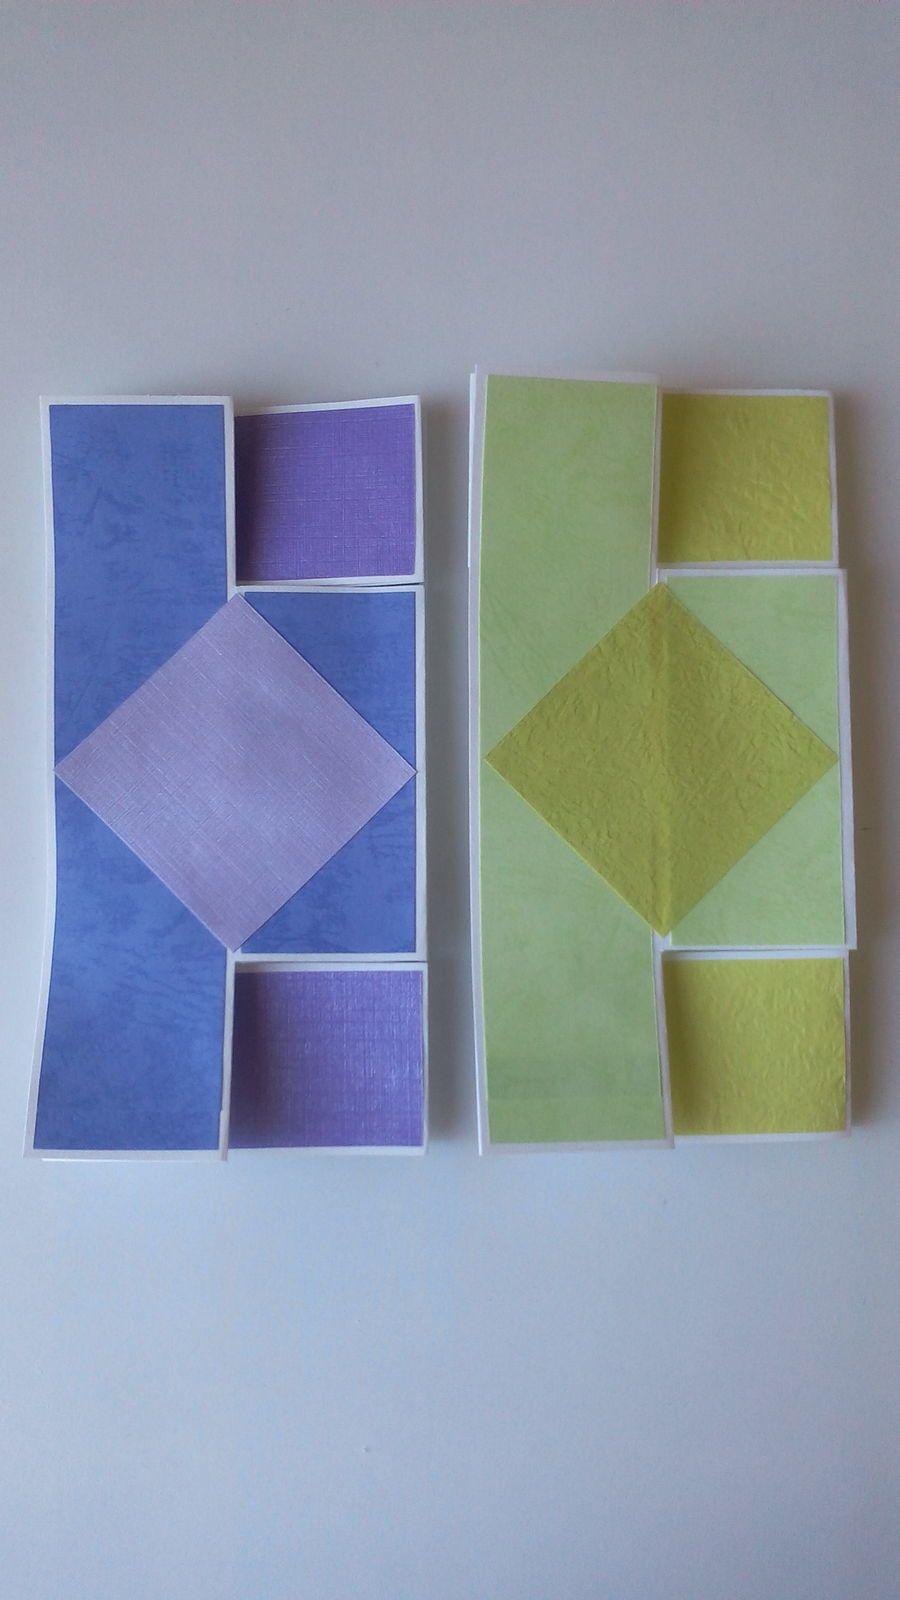 Sur le même modèle de carte, avec d'autres couleurs